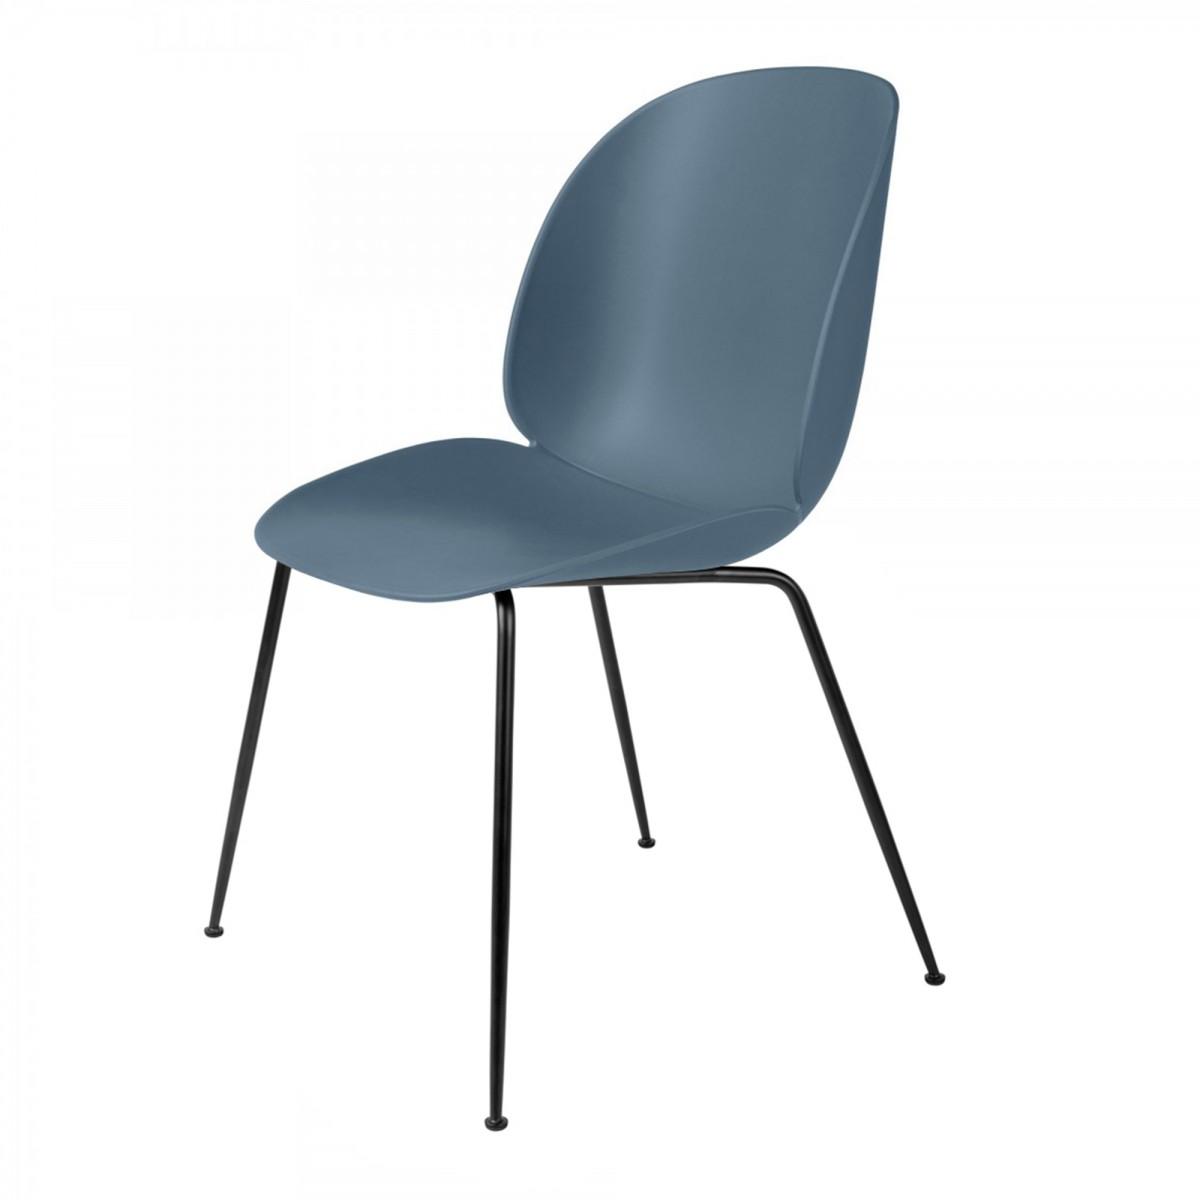 Chaise BEETLE bleu gris & métal noir Gubi